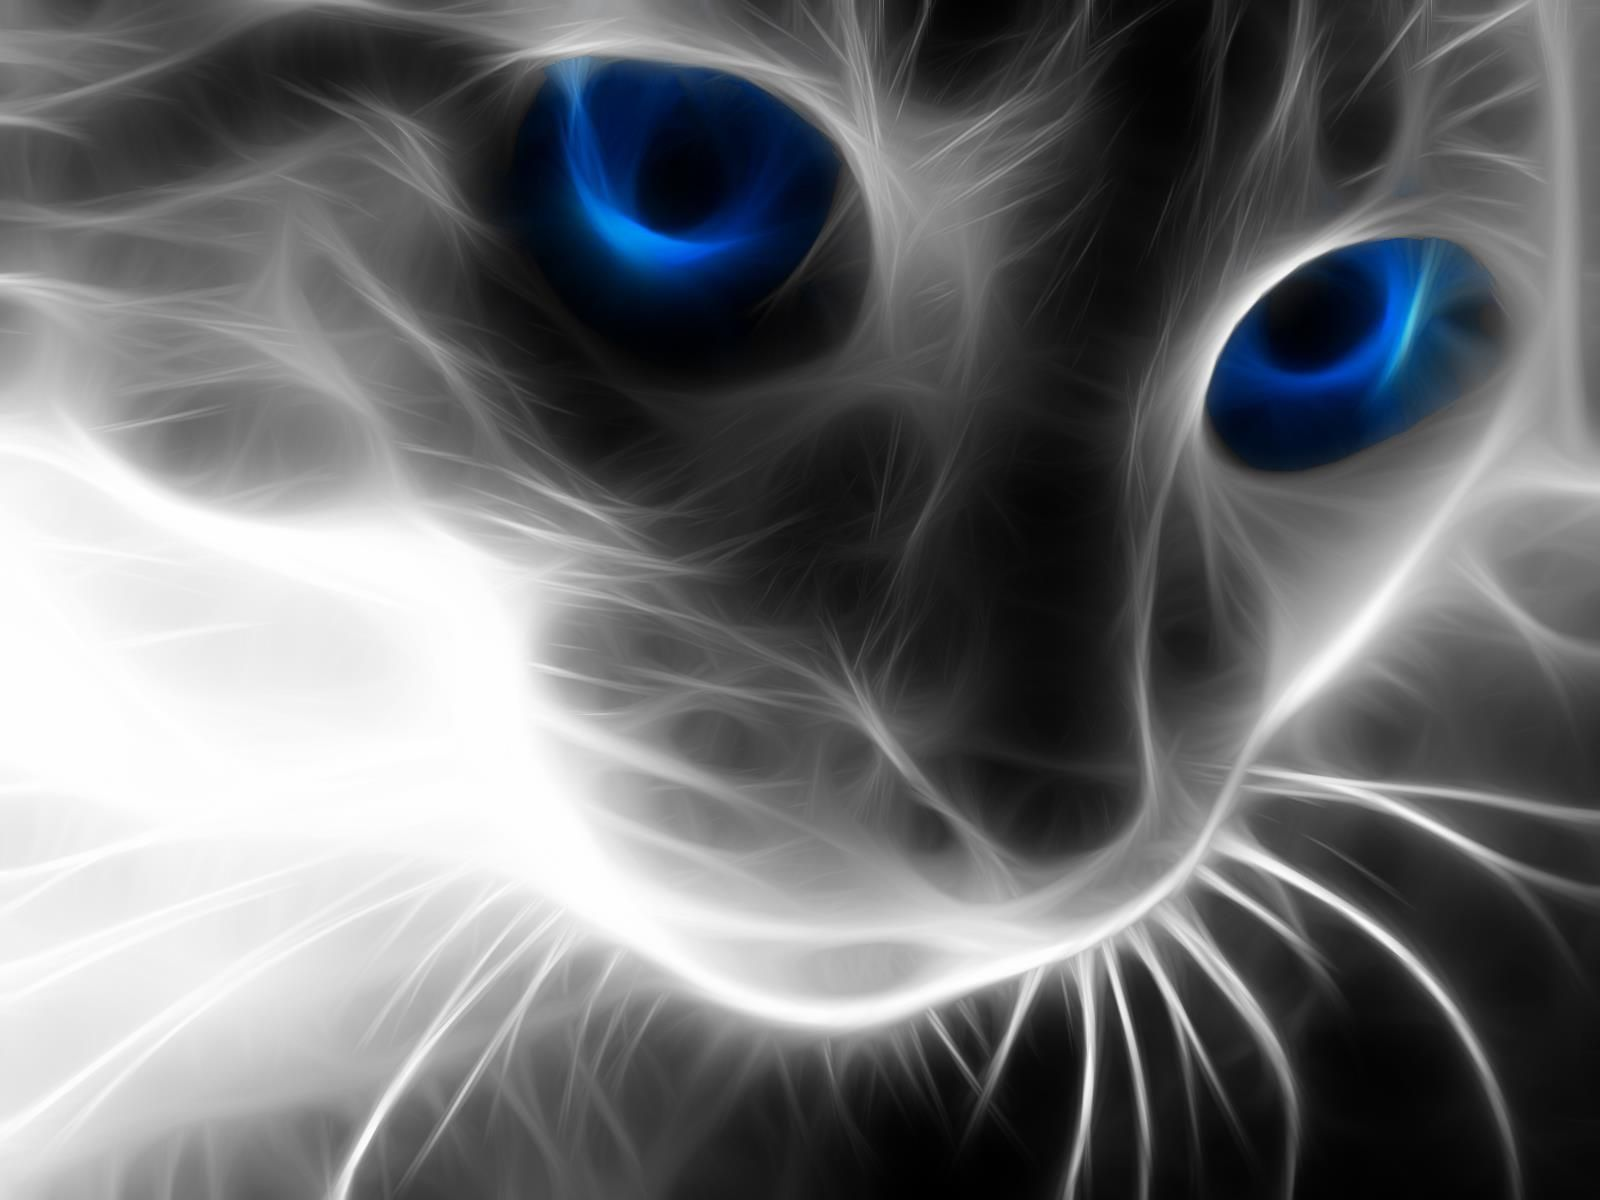 Fonds D Ecran Et Effets Speciaux Fond Ecran Animaux Les Chats Sauvages Belles Photos De Chats